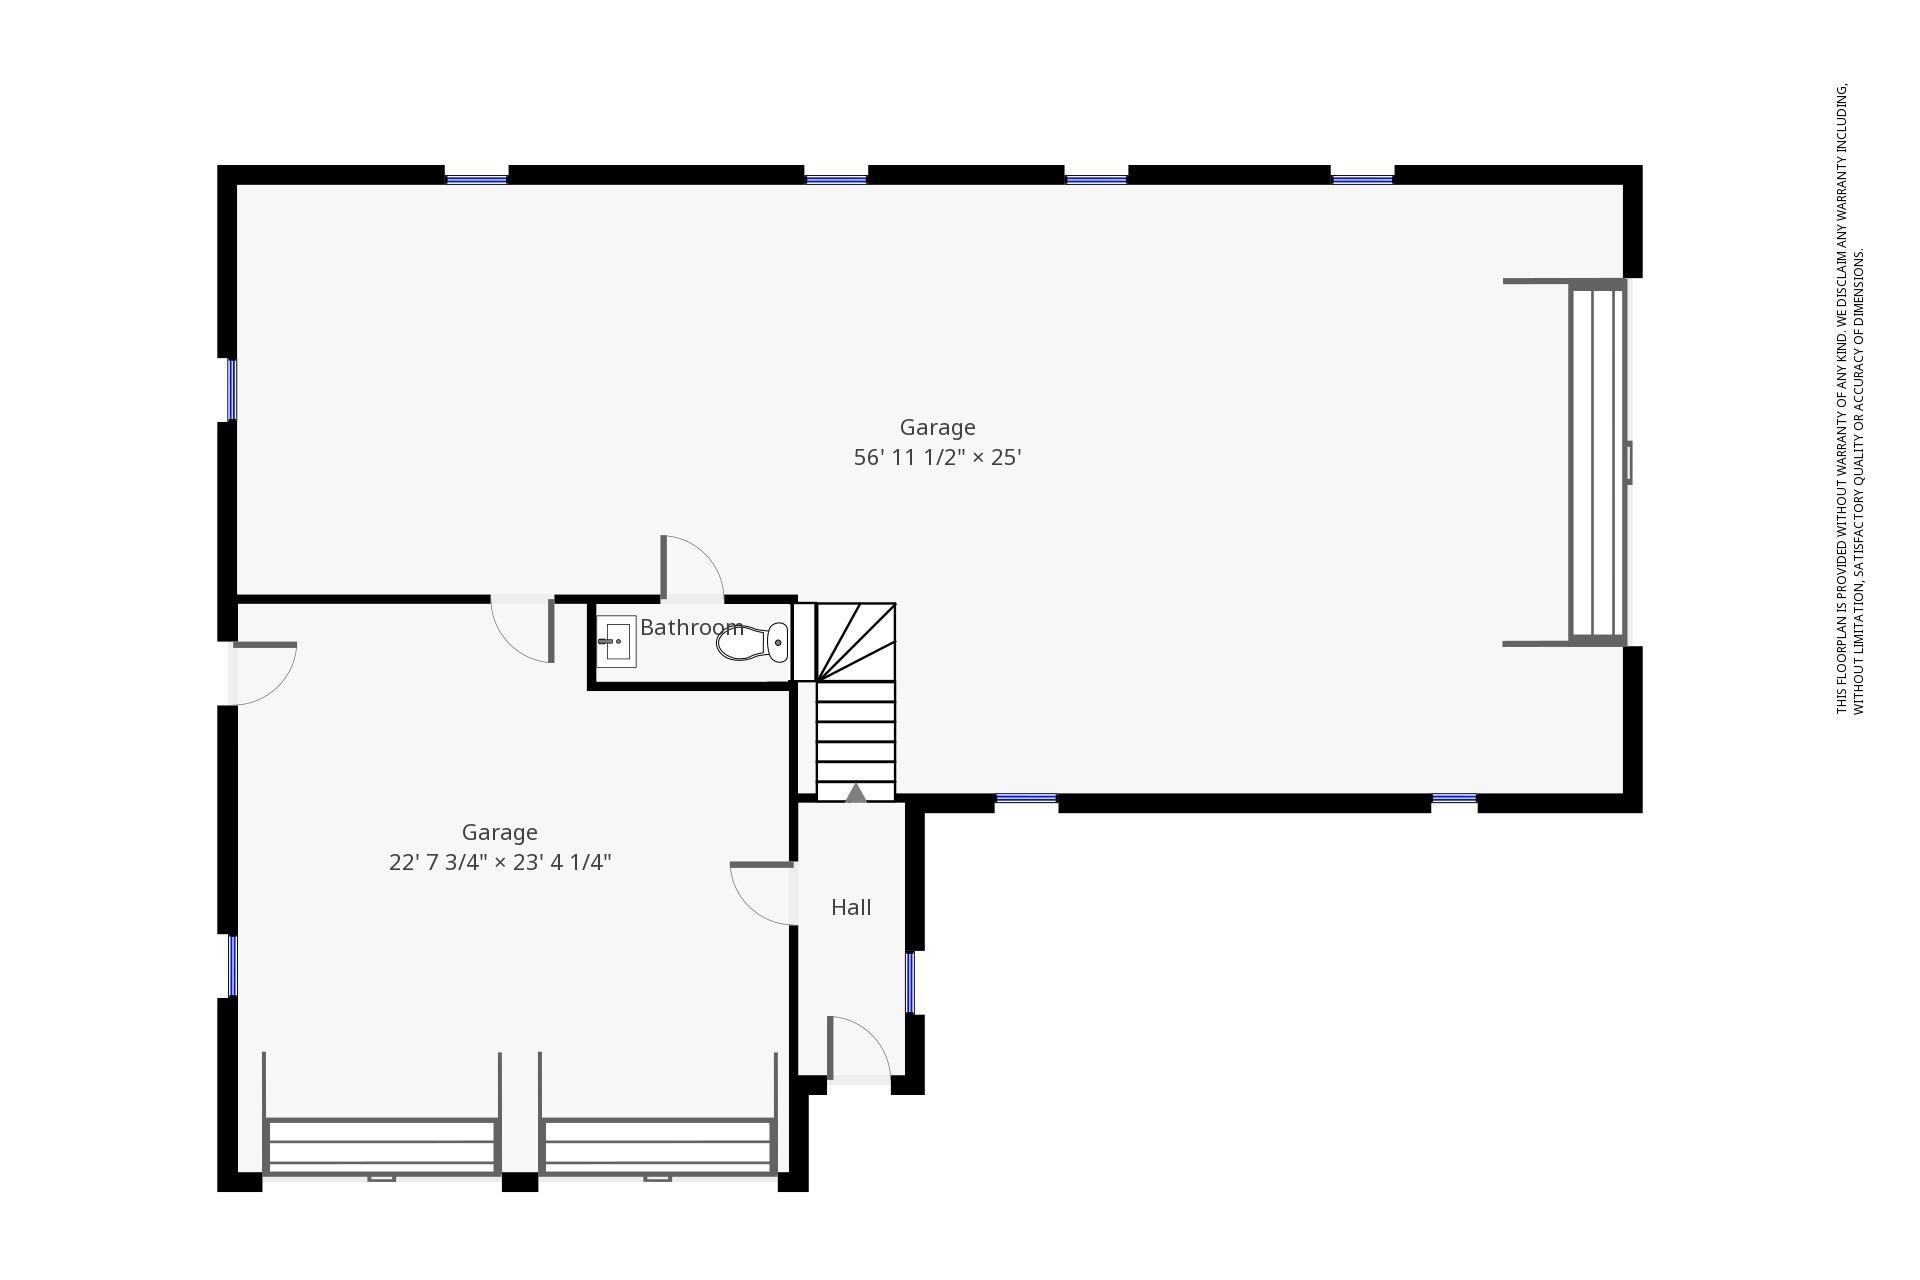 338-352 Monomoscoy Road Mashpee, MA 02649